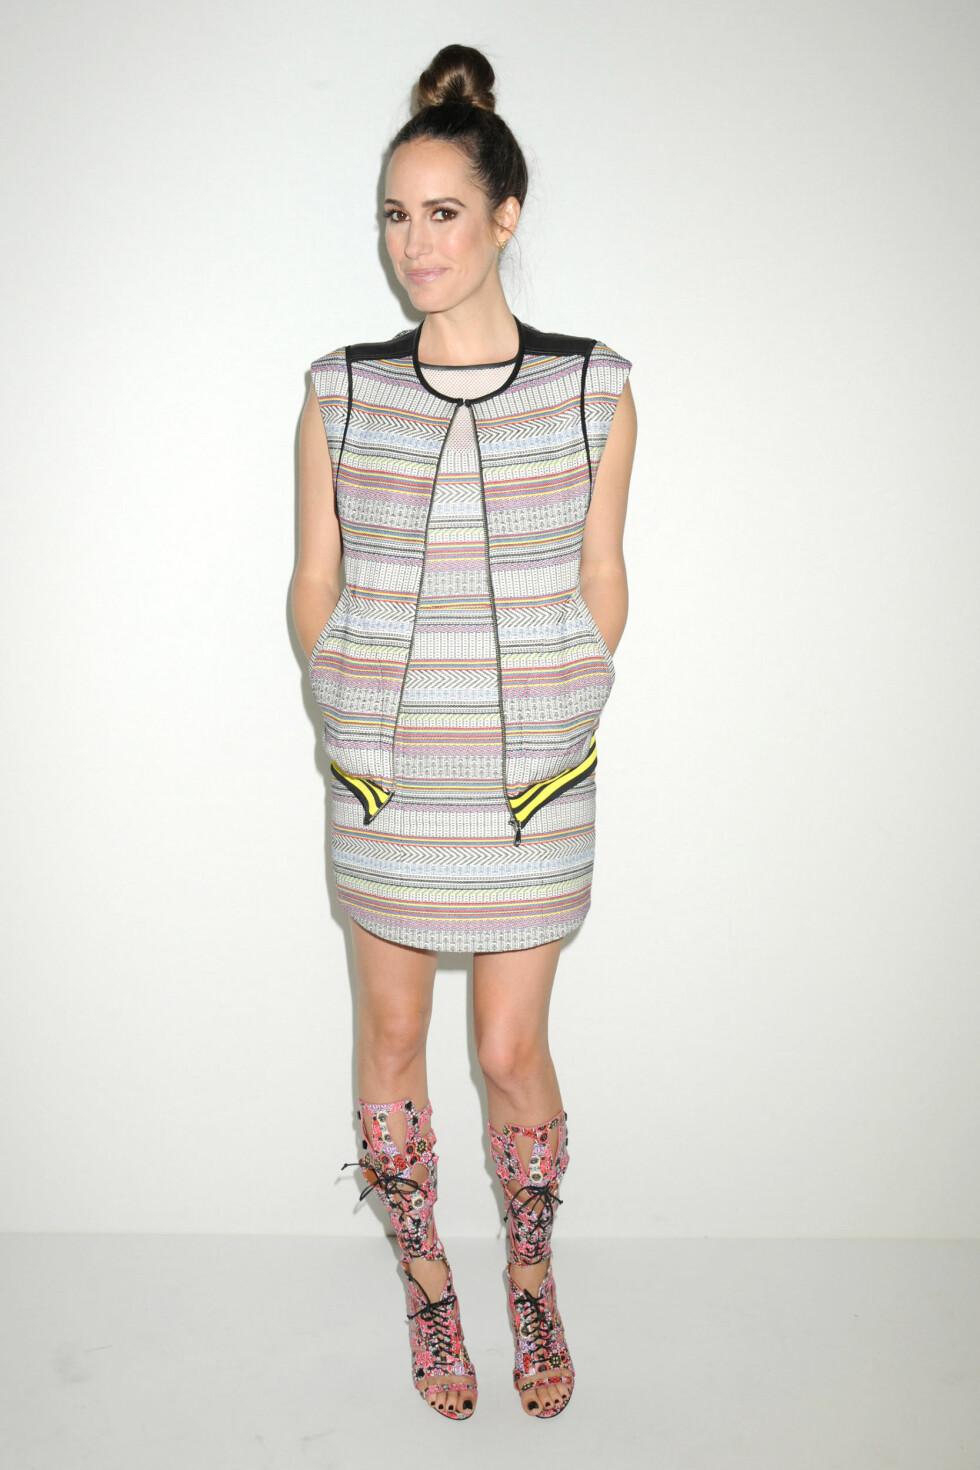 Den britiske programlederen Louise Roe hadde på seg en lårkort, ermløs kjole med matchende vest. Foto: All Over Press